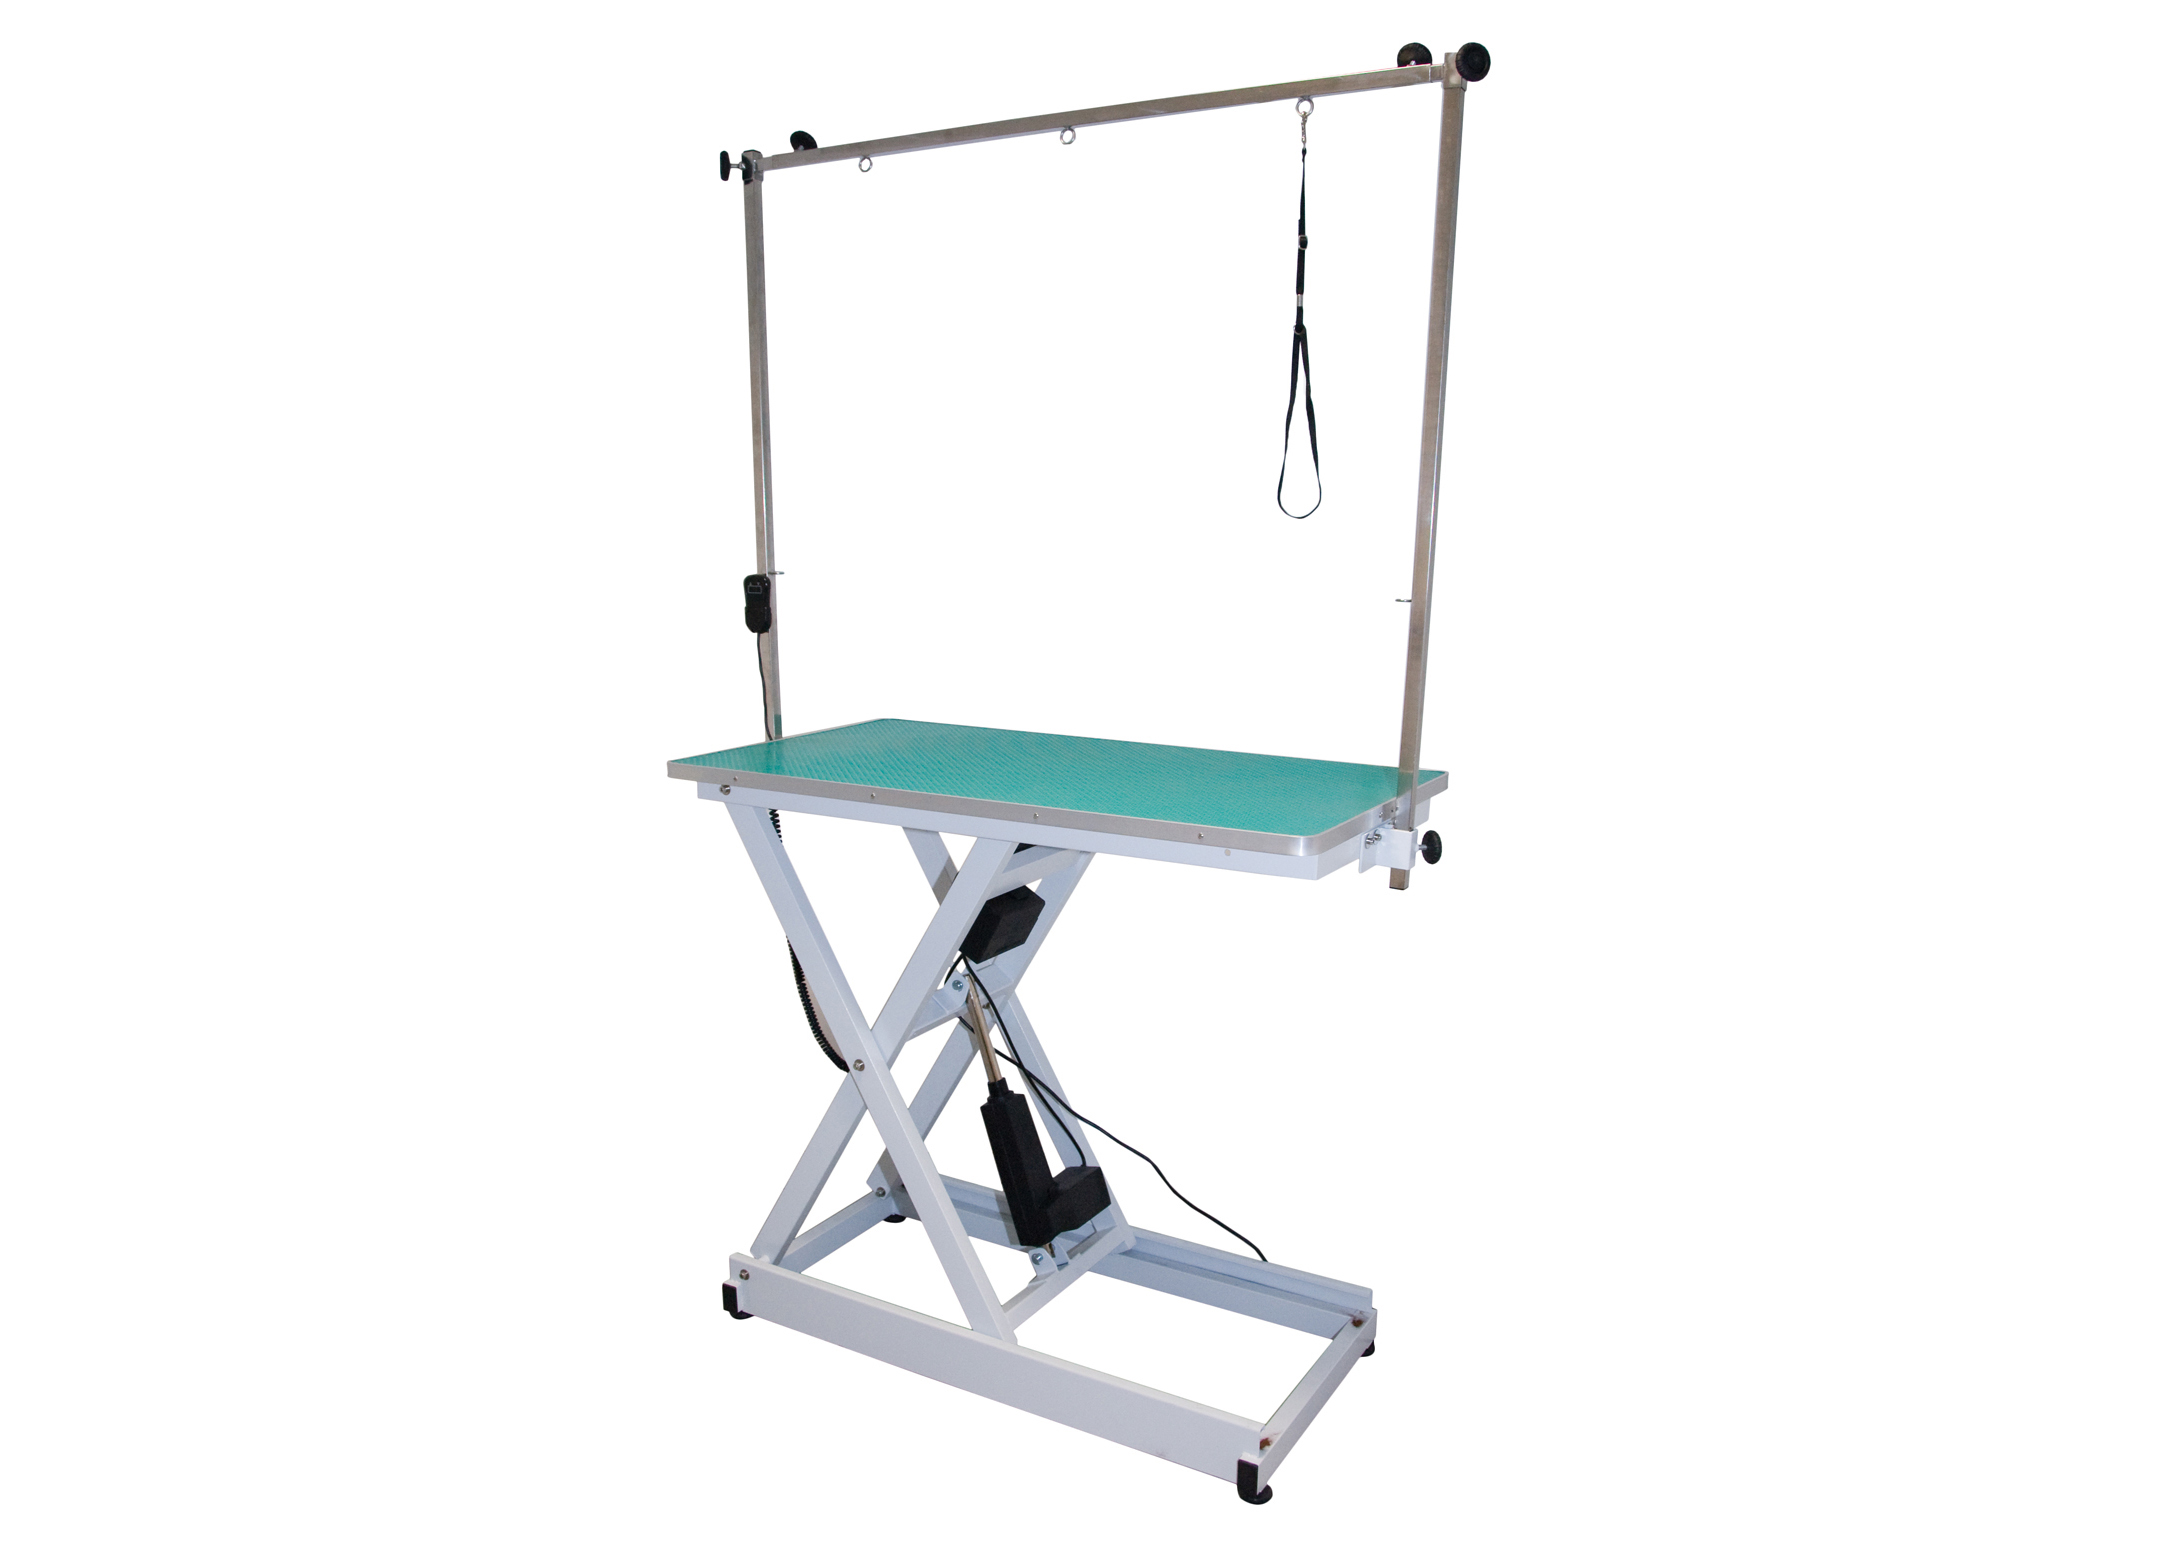 Groom-X Elektrische Trimtafel 110x60x42-100cm Professionele Trimtafel Voor Hondentrimmers